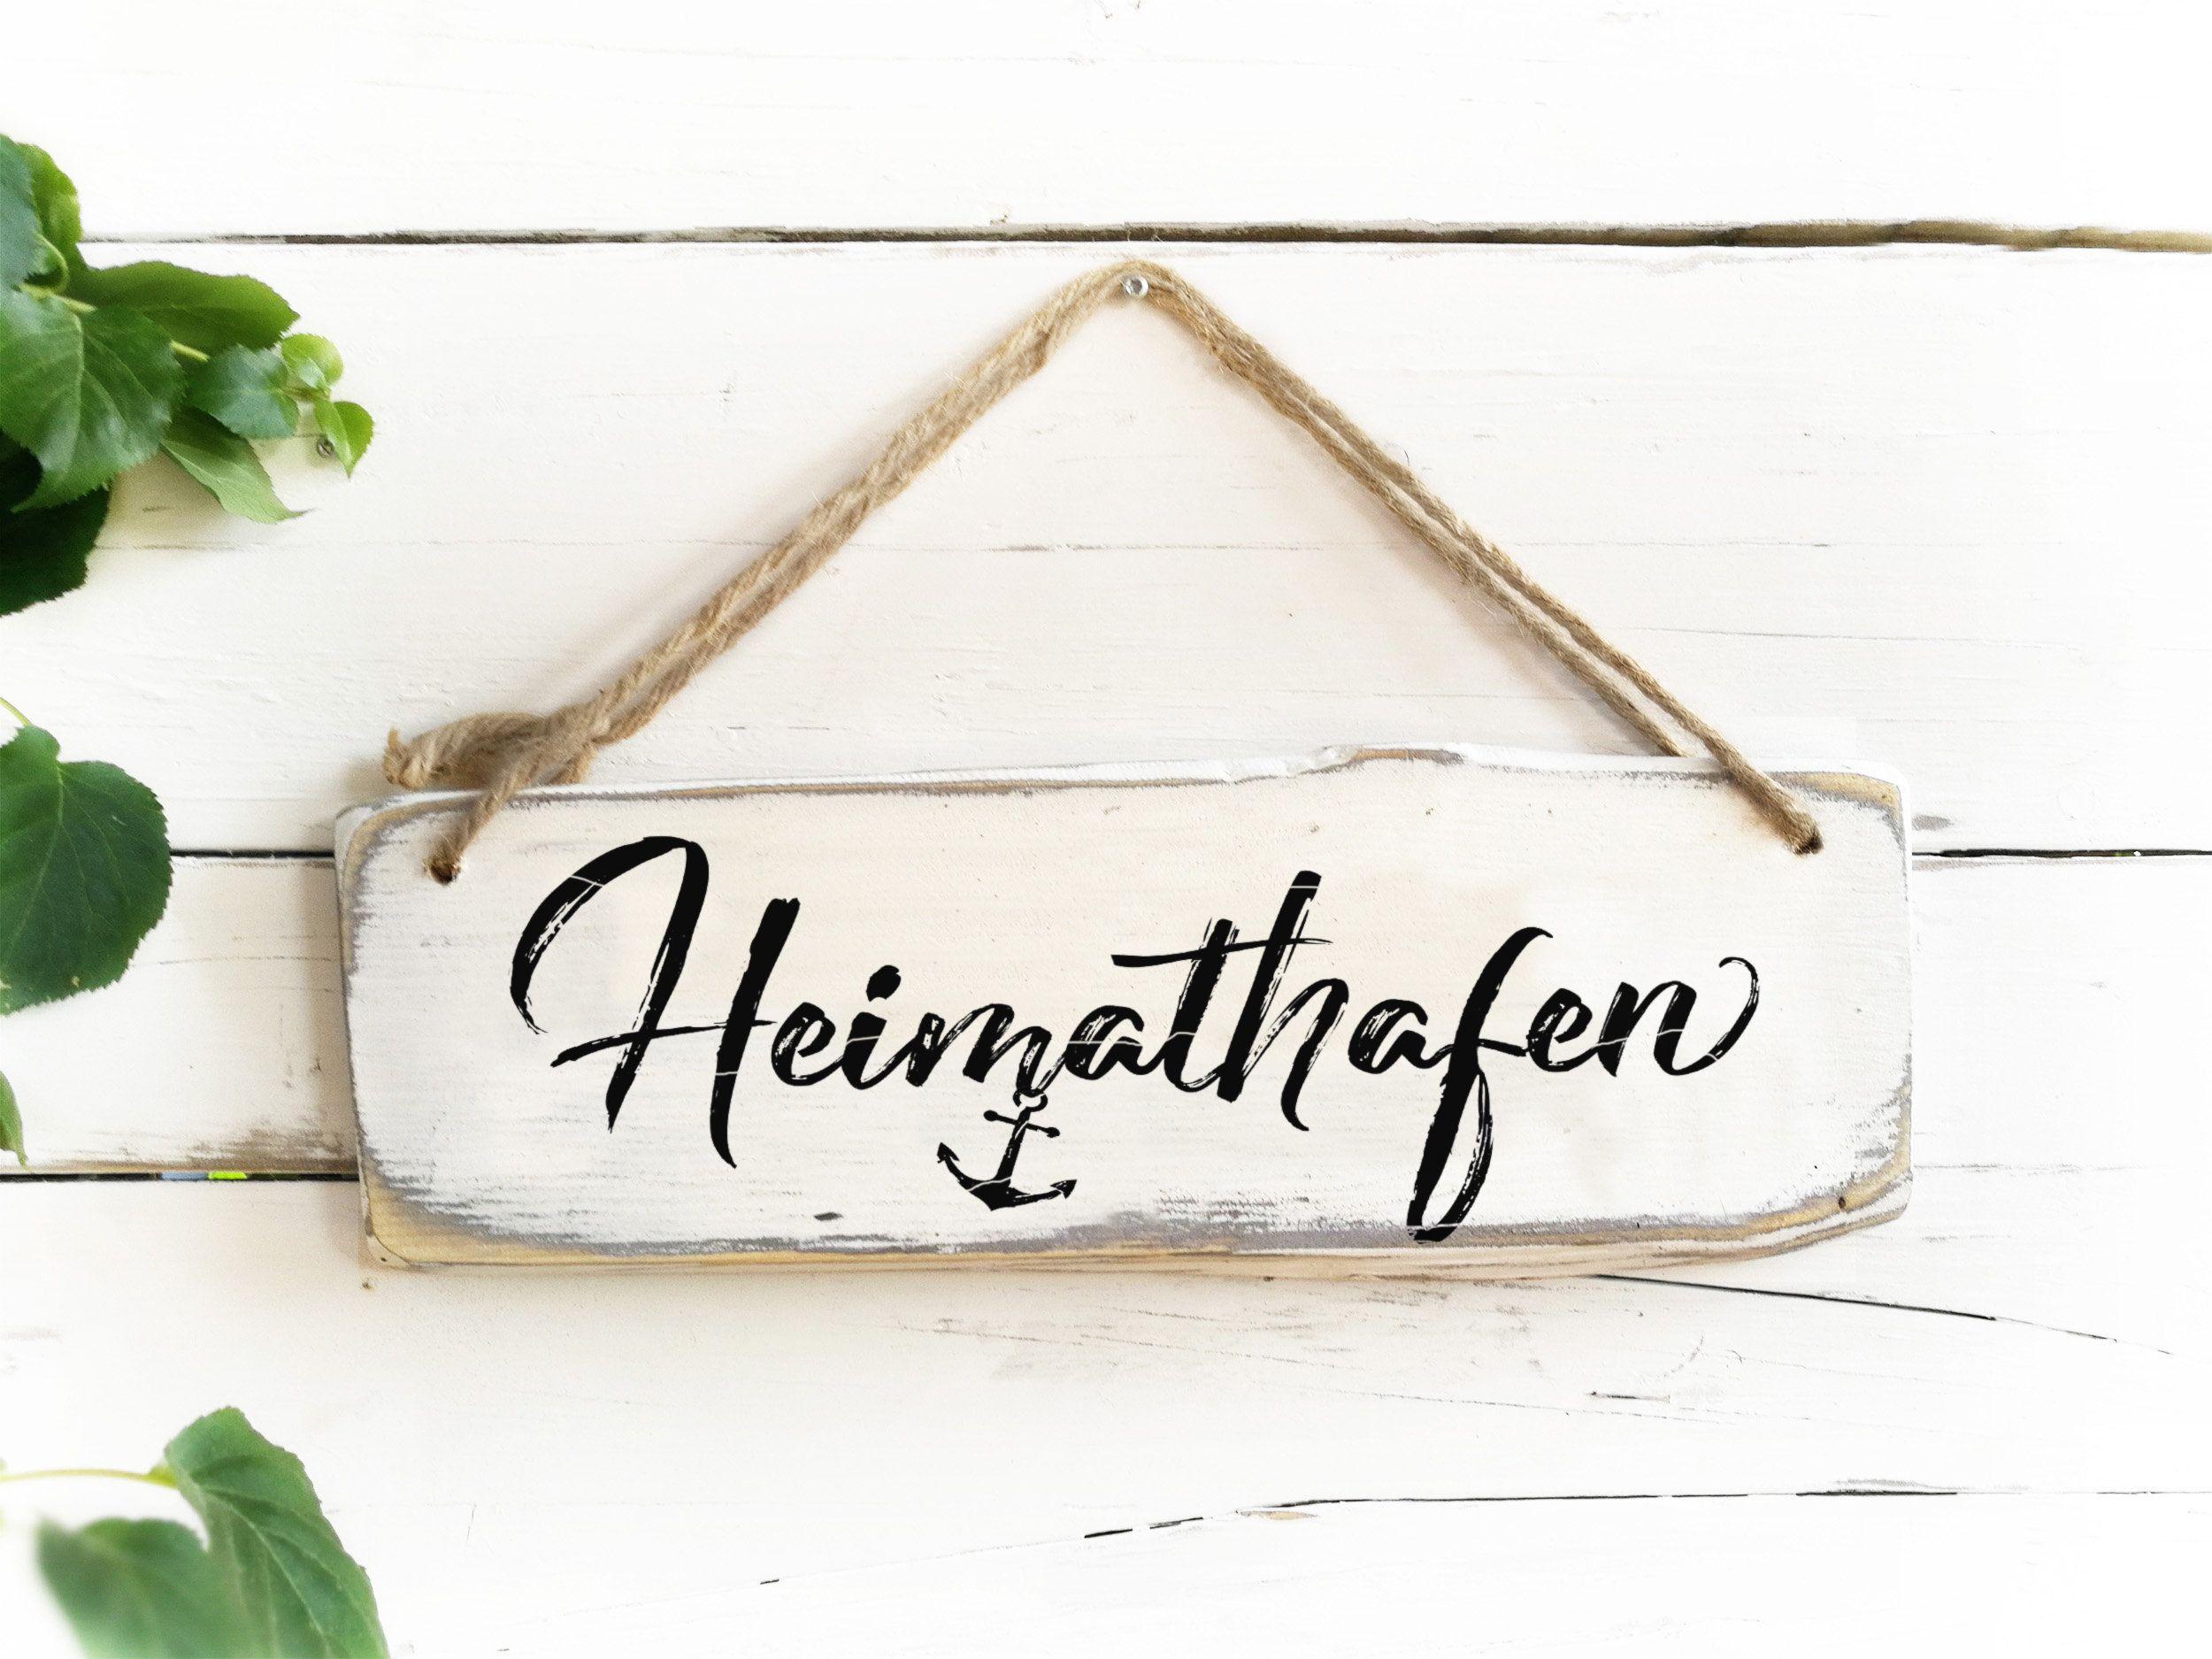 Heimathafen Schild Gartendeko Gartendekoration maritime Deko Wohnzimmer Holz Garten Holzsschild Gartenschild Anker Holzschilder Spruch #weihnachtsmarktideenverkauf